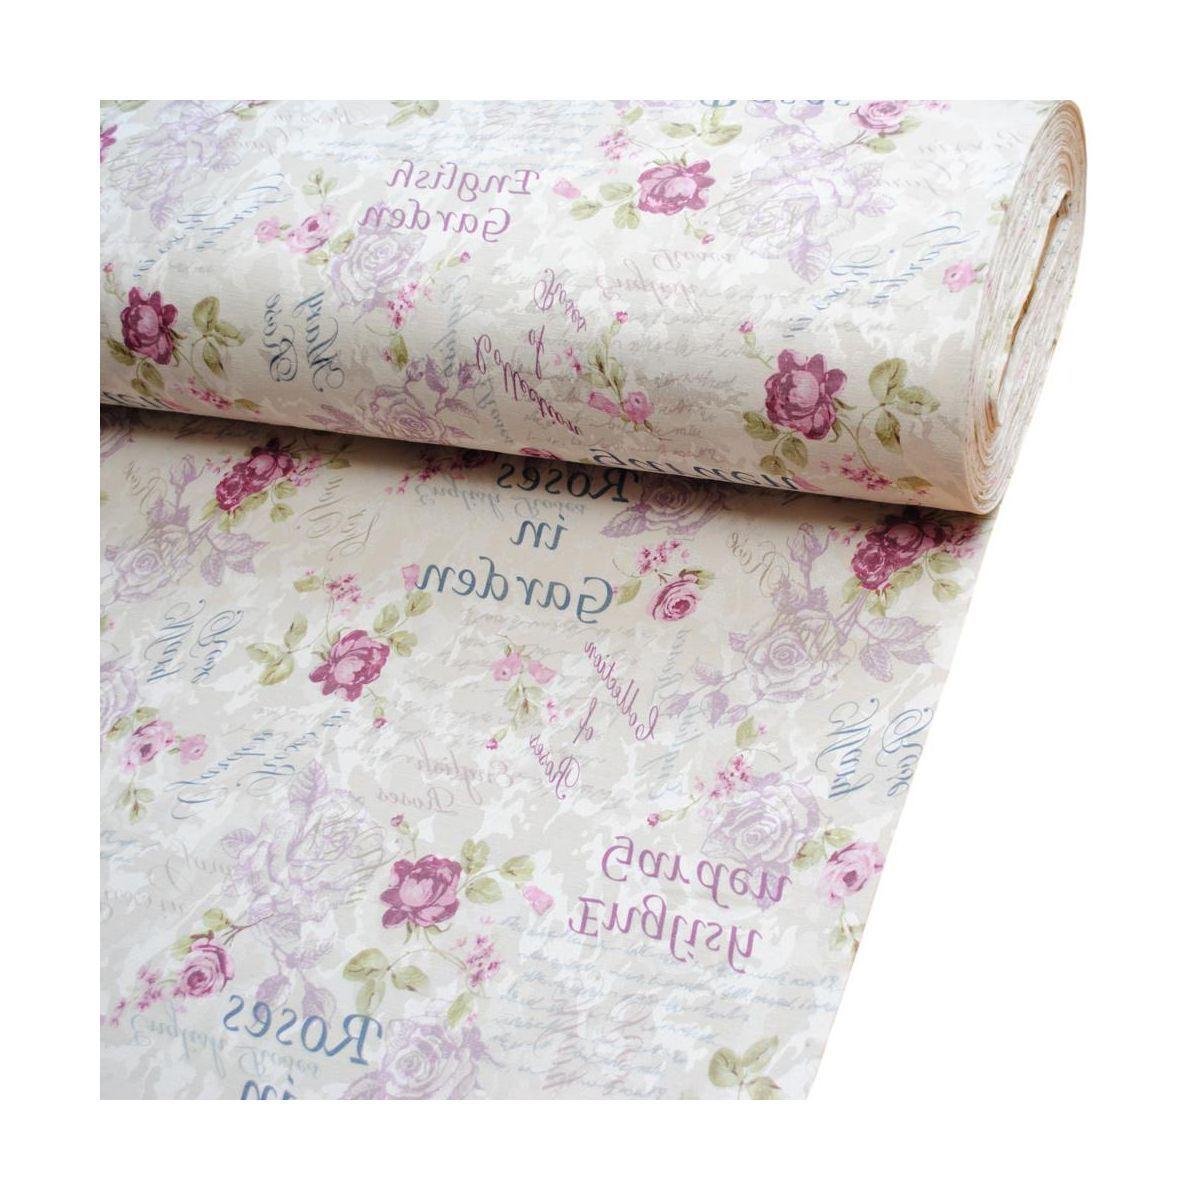 Tkanina Na Mb Zakard Garden Szer 145 Cm Tkaniny Na Metry W Atrakcyjnej Cenie W Sklepach Leroy Merlin Alexander Mcqueen Scarf Floral Tie Floral